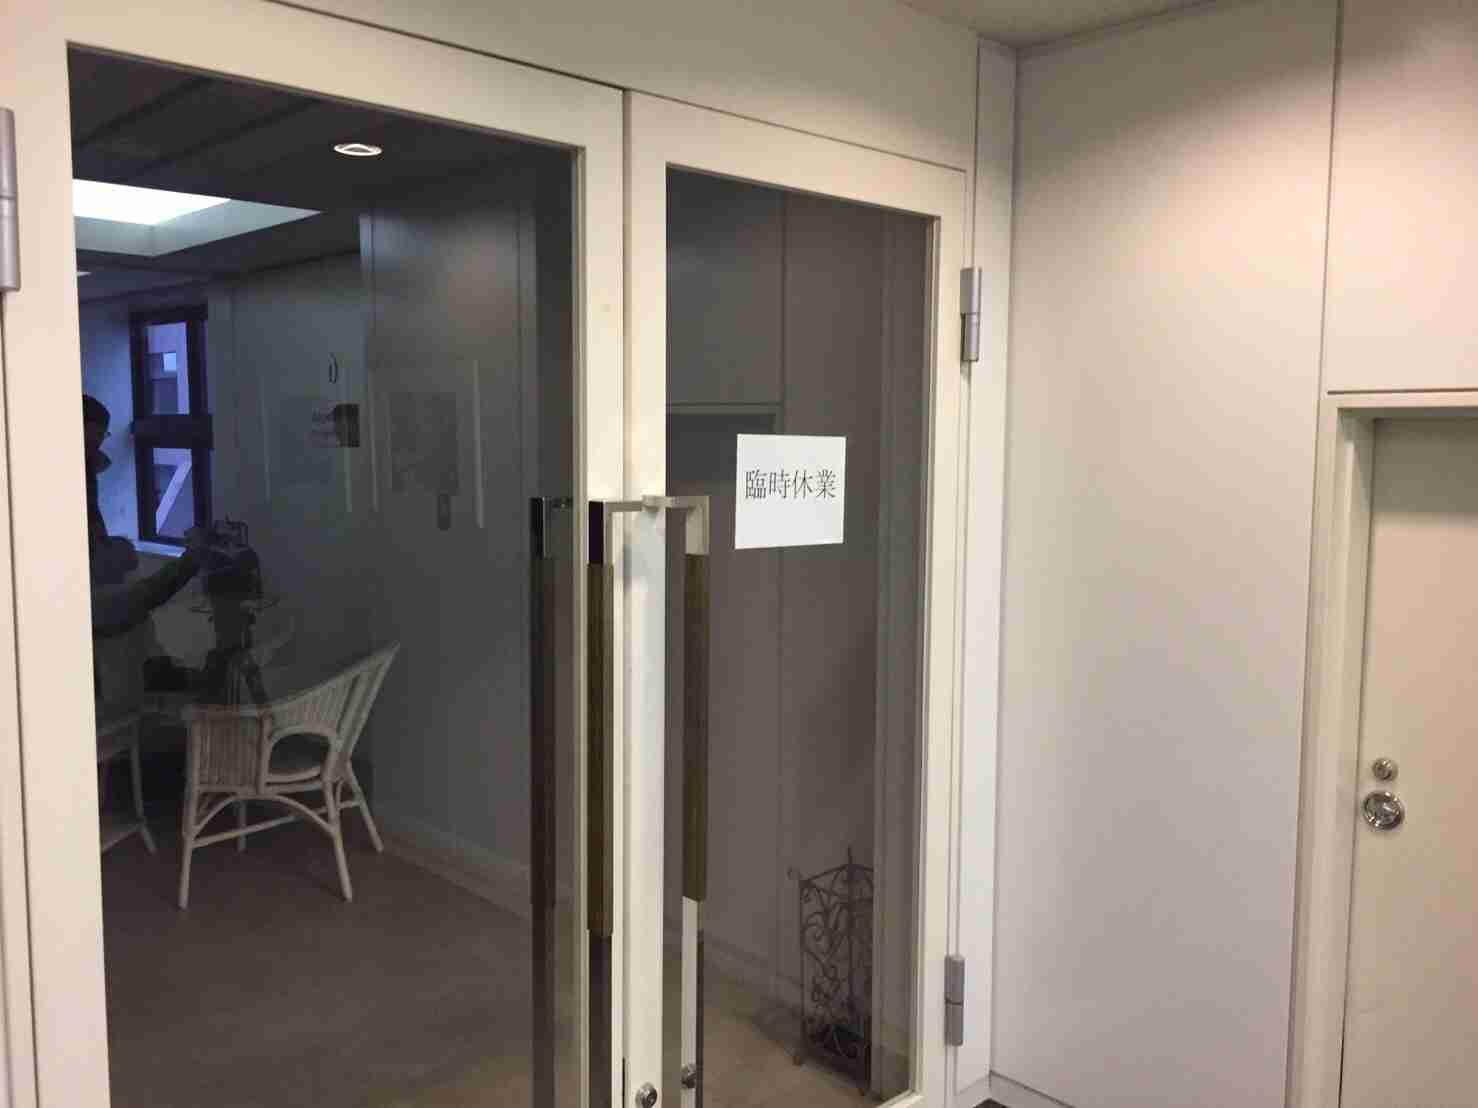 【速報】格安海外旅行業者の(株)てるみくらぶが破産 (東京商工リサーチ) - Yahoo!ニュース